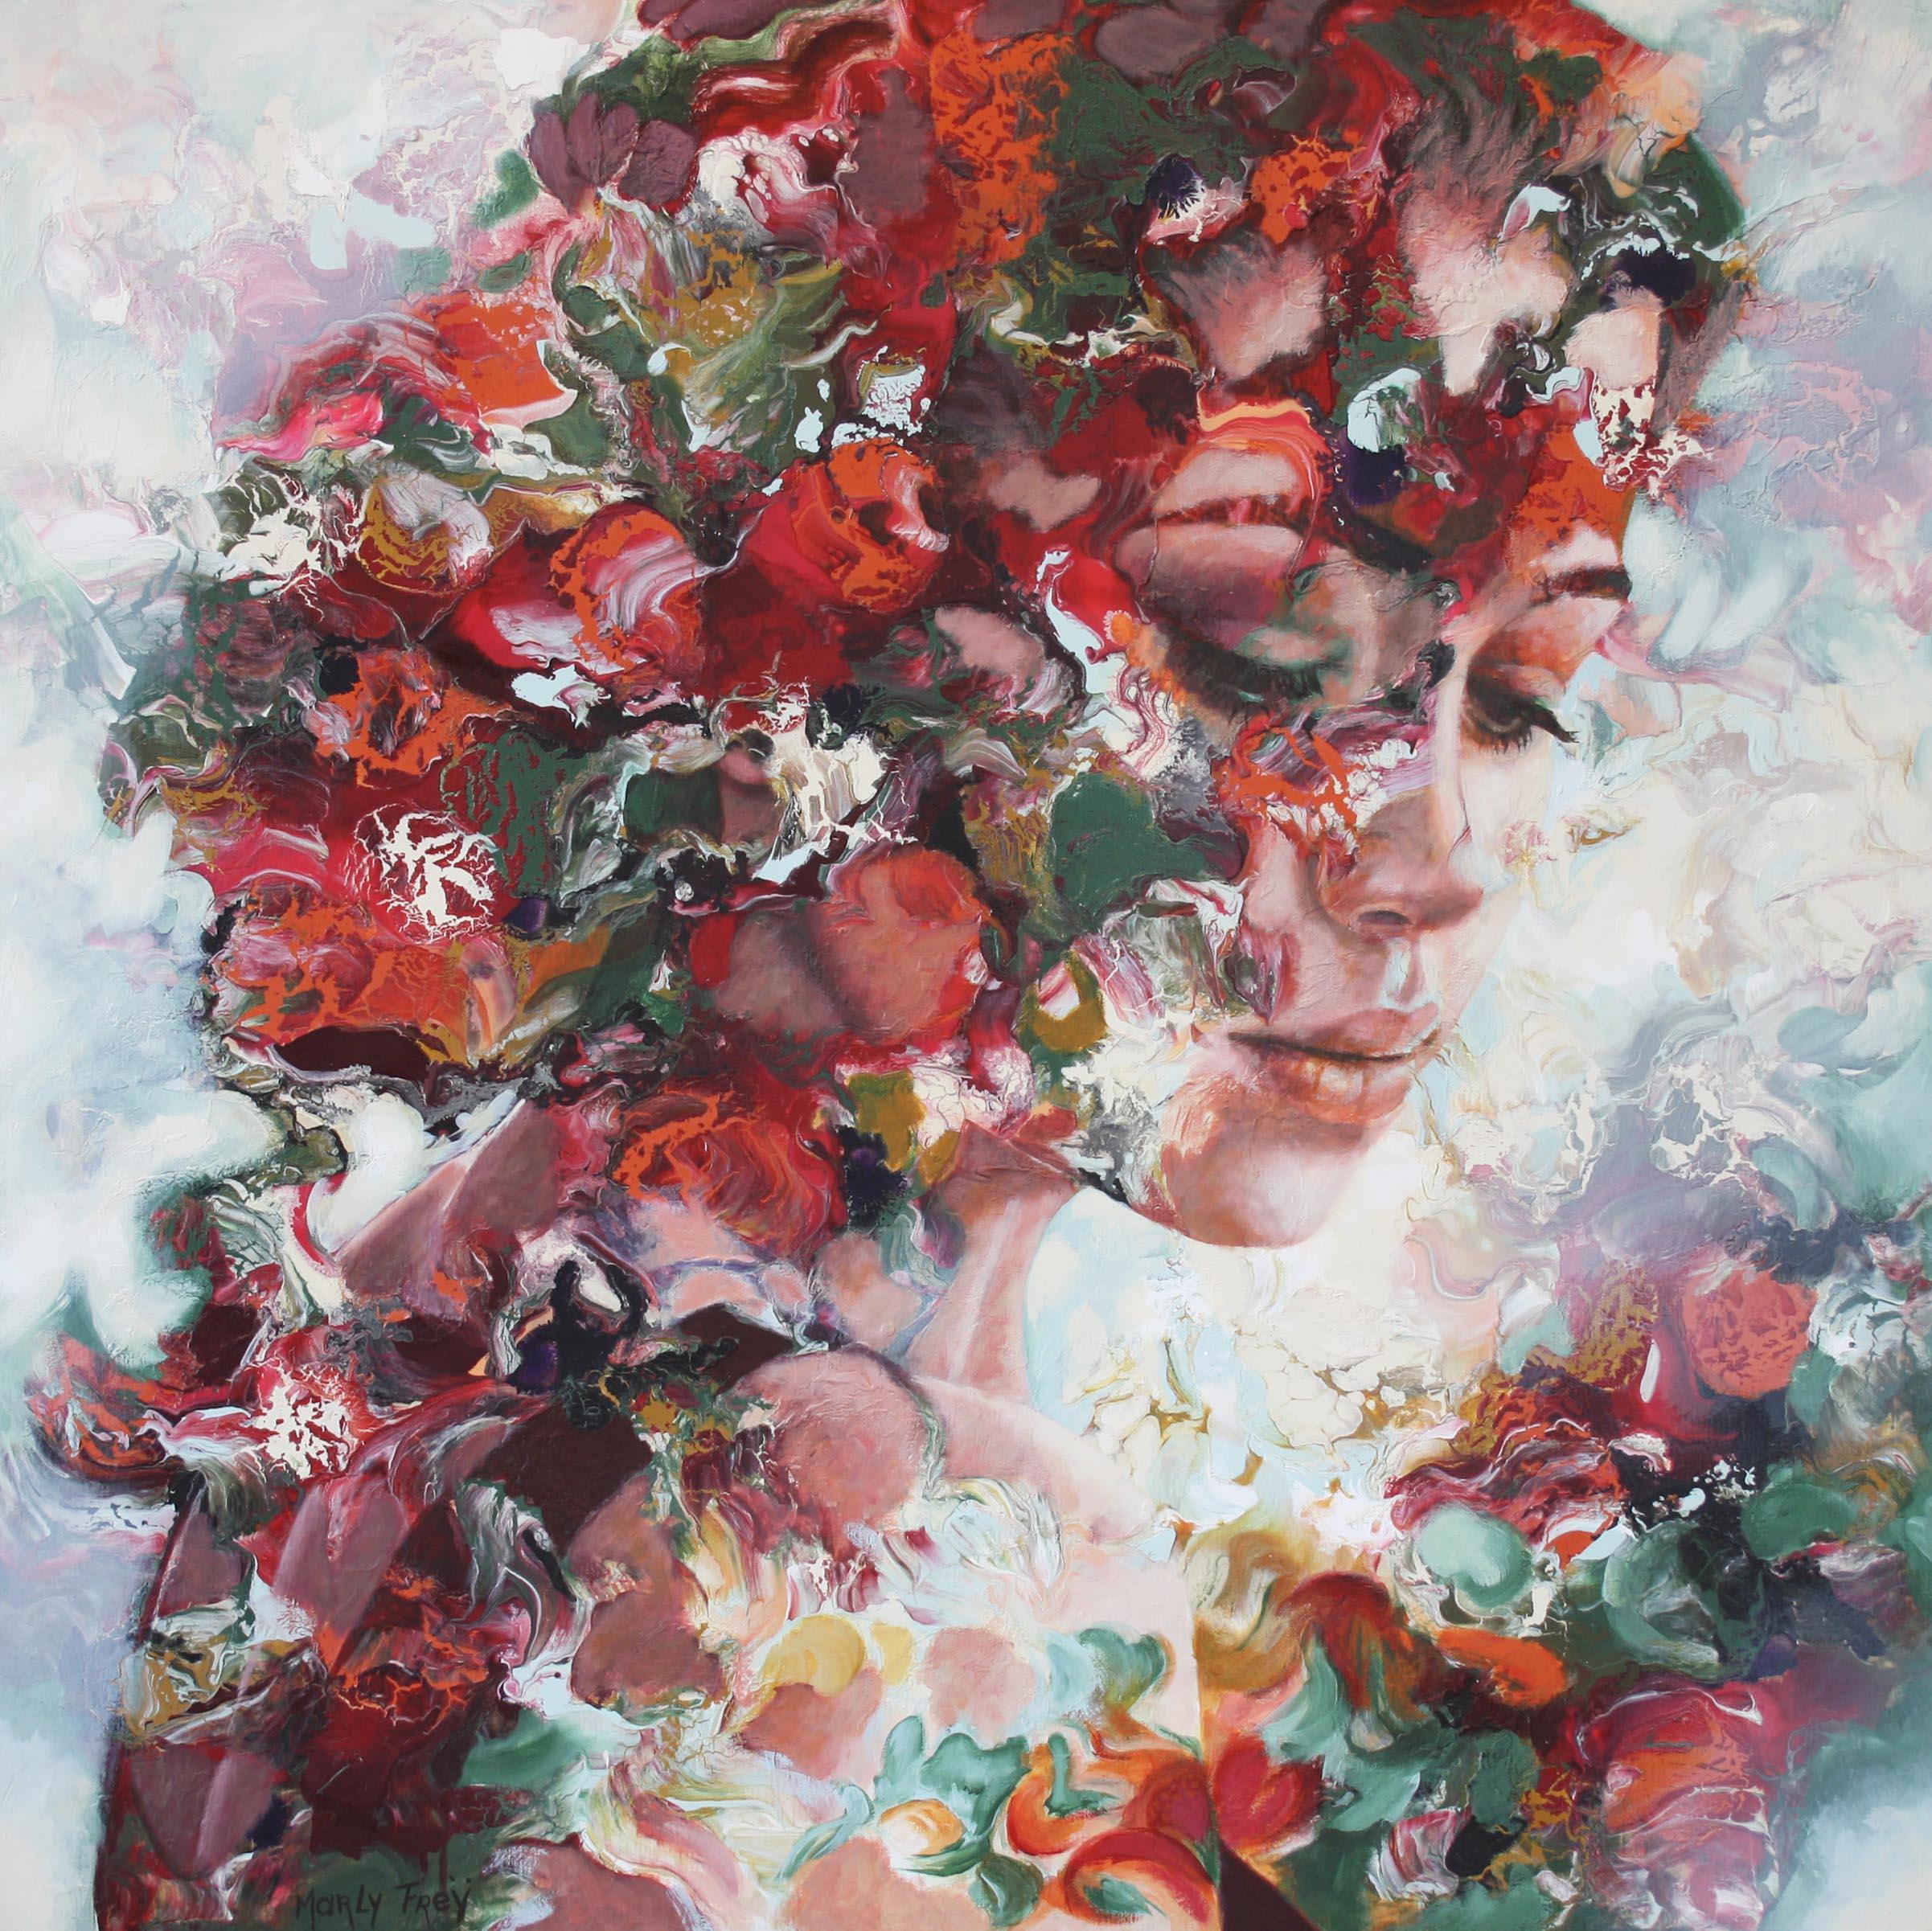 Kunst: Silently waiting van kunstenaar Marly Freij(portretten)